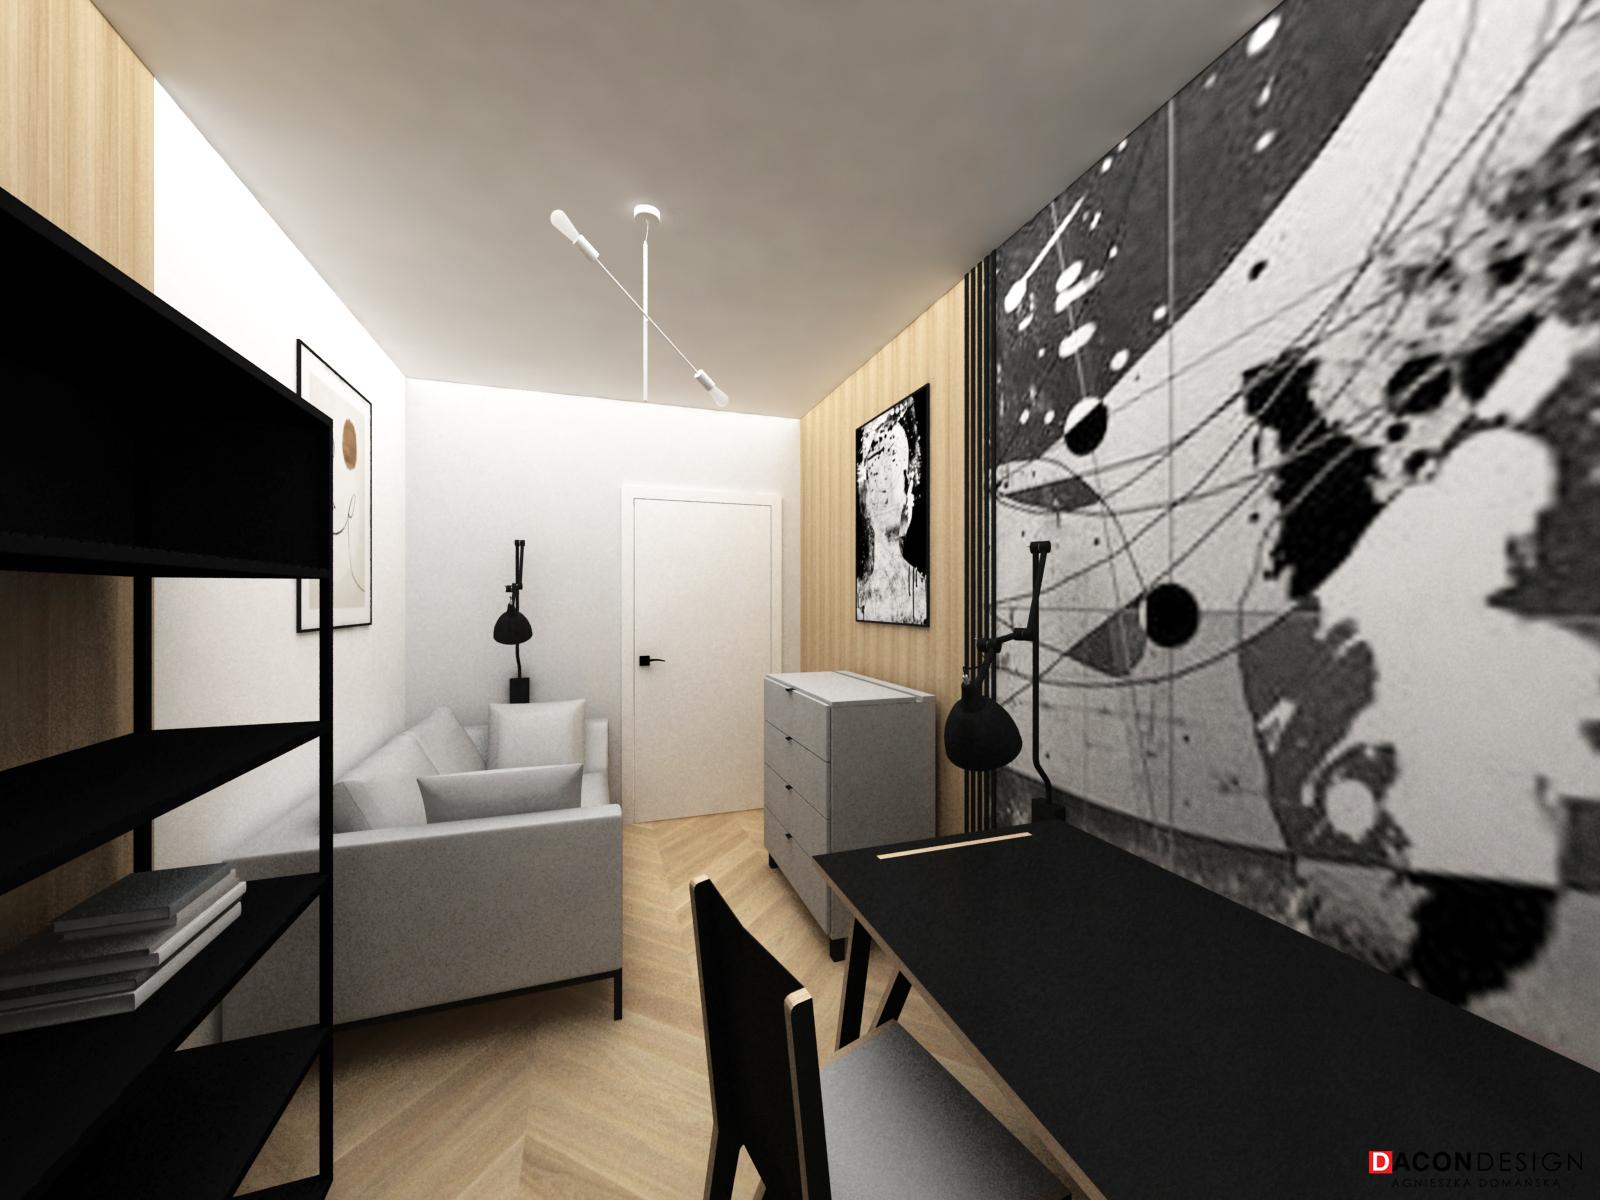 Kupiłeś mieszkanie? Chcesz je pomysłowo urządzić? Z nami to proste! Skontaktuj się z nami i poznaj naszą ofertę.